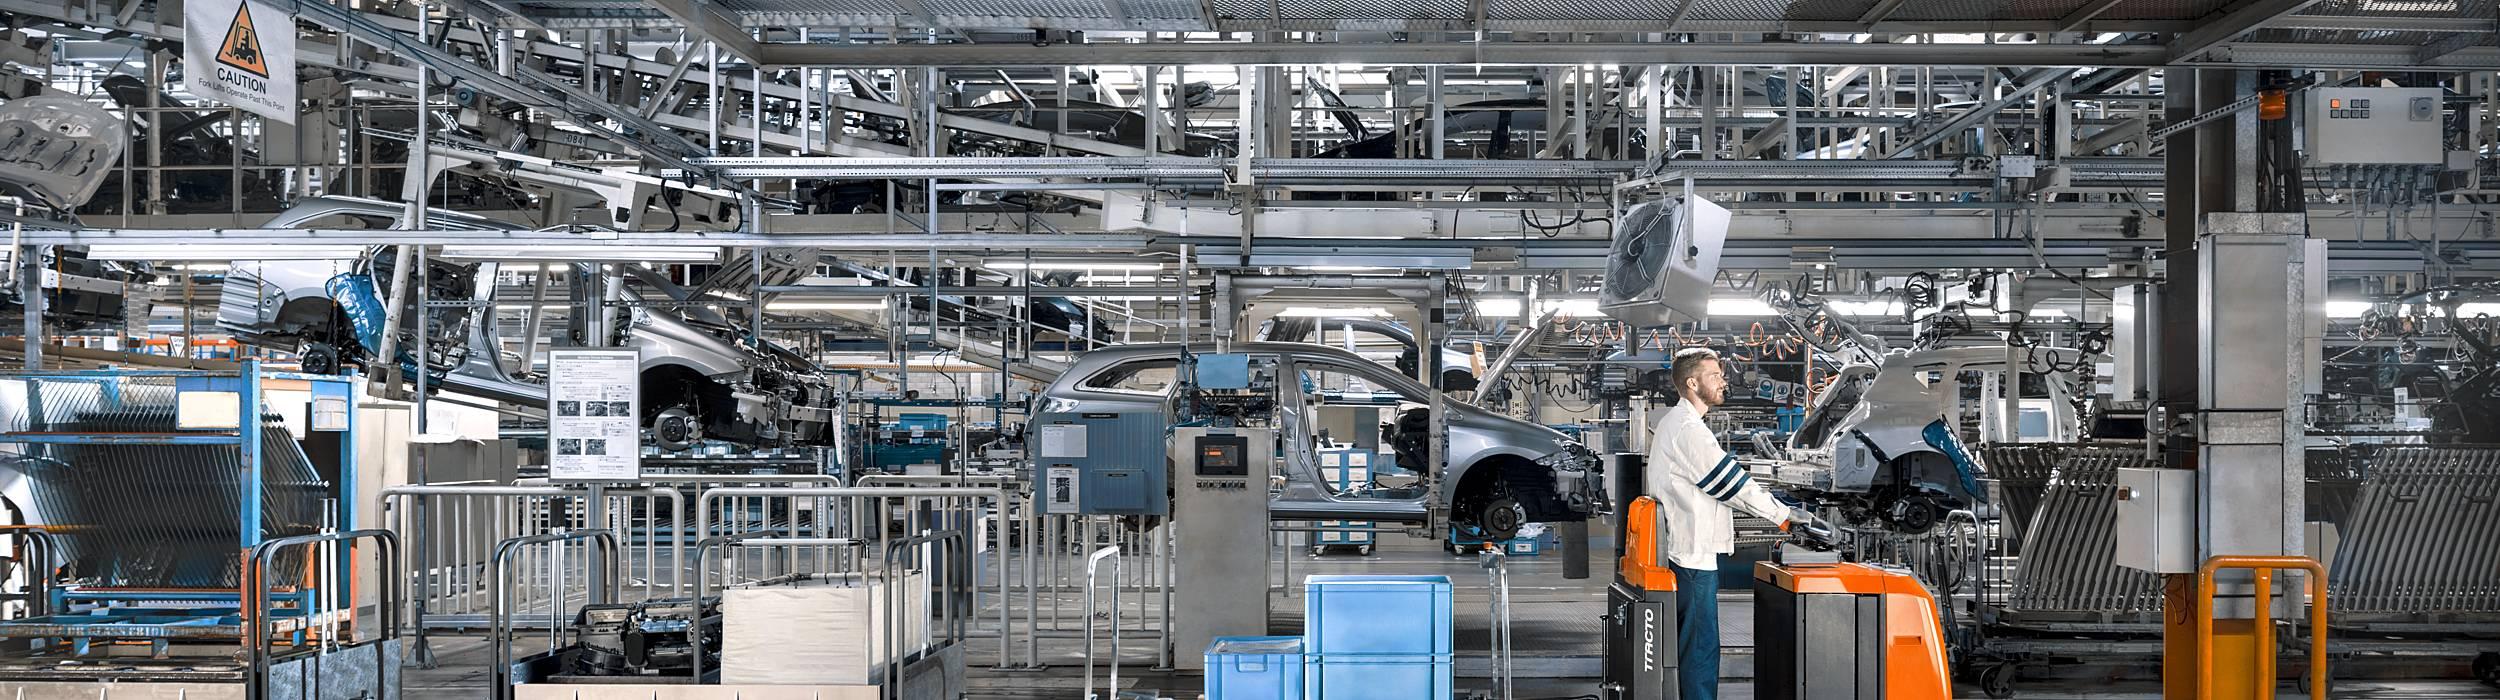 Solutions de manutention et chariots élévateurs pour le secteur de la production